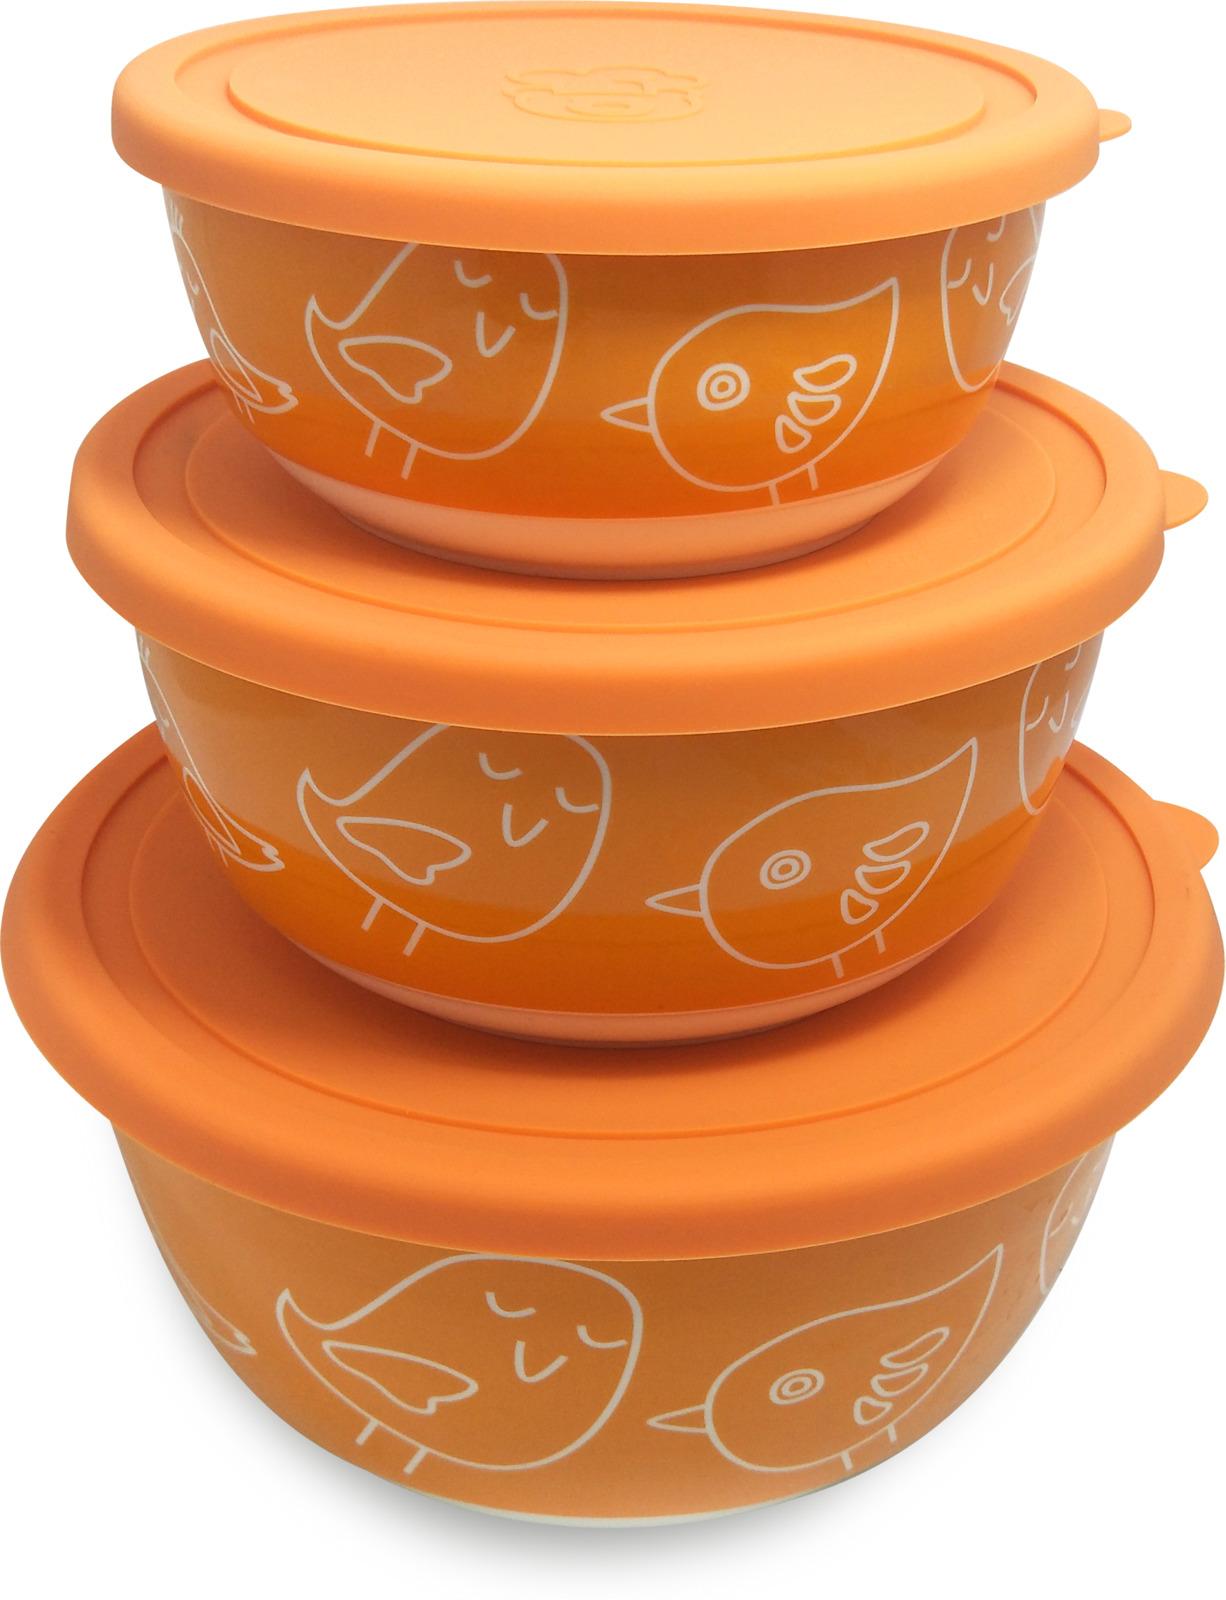 Набор салатников Oursson, с крышками, BS4085RC/OR, оранжевый, 3 шт